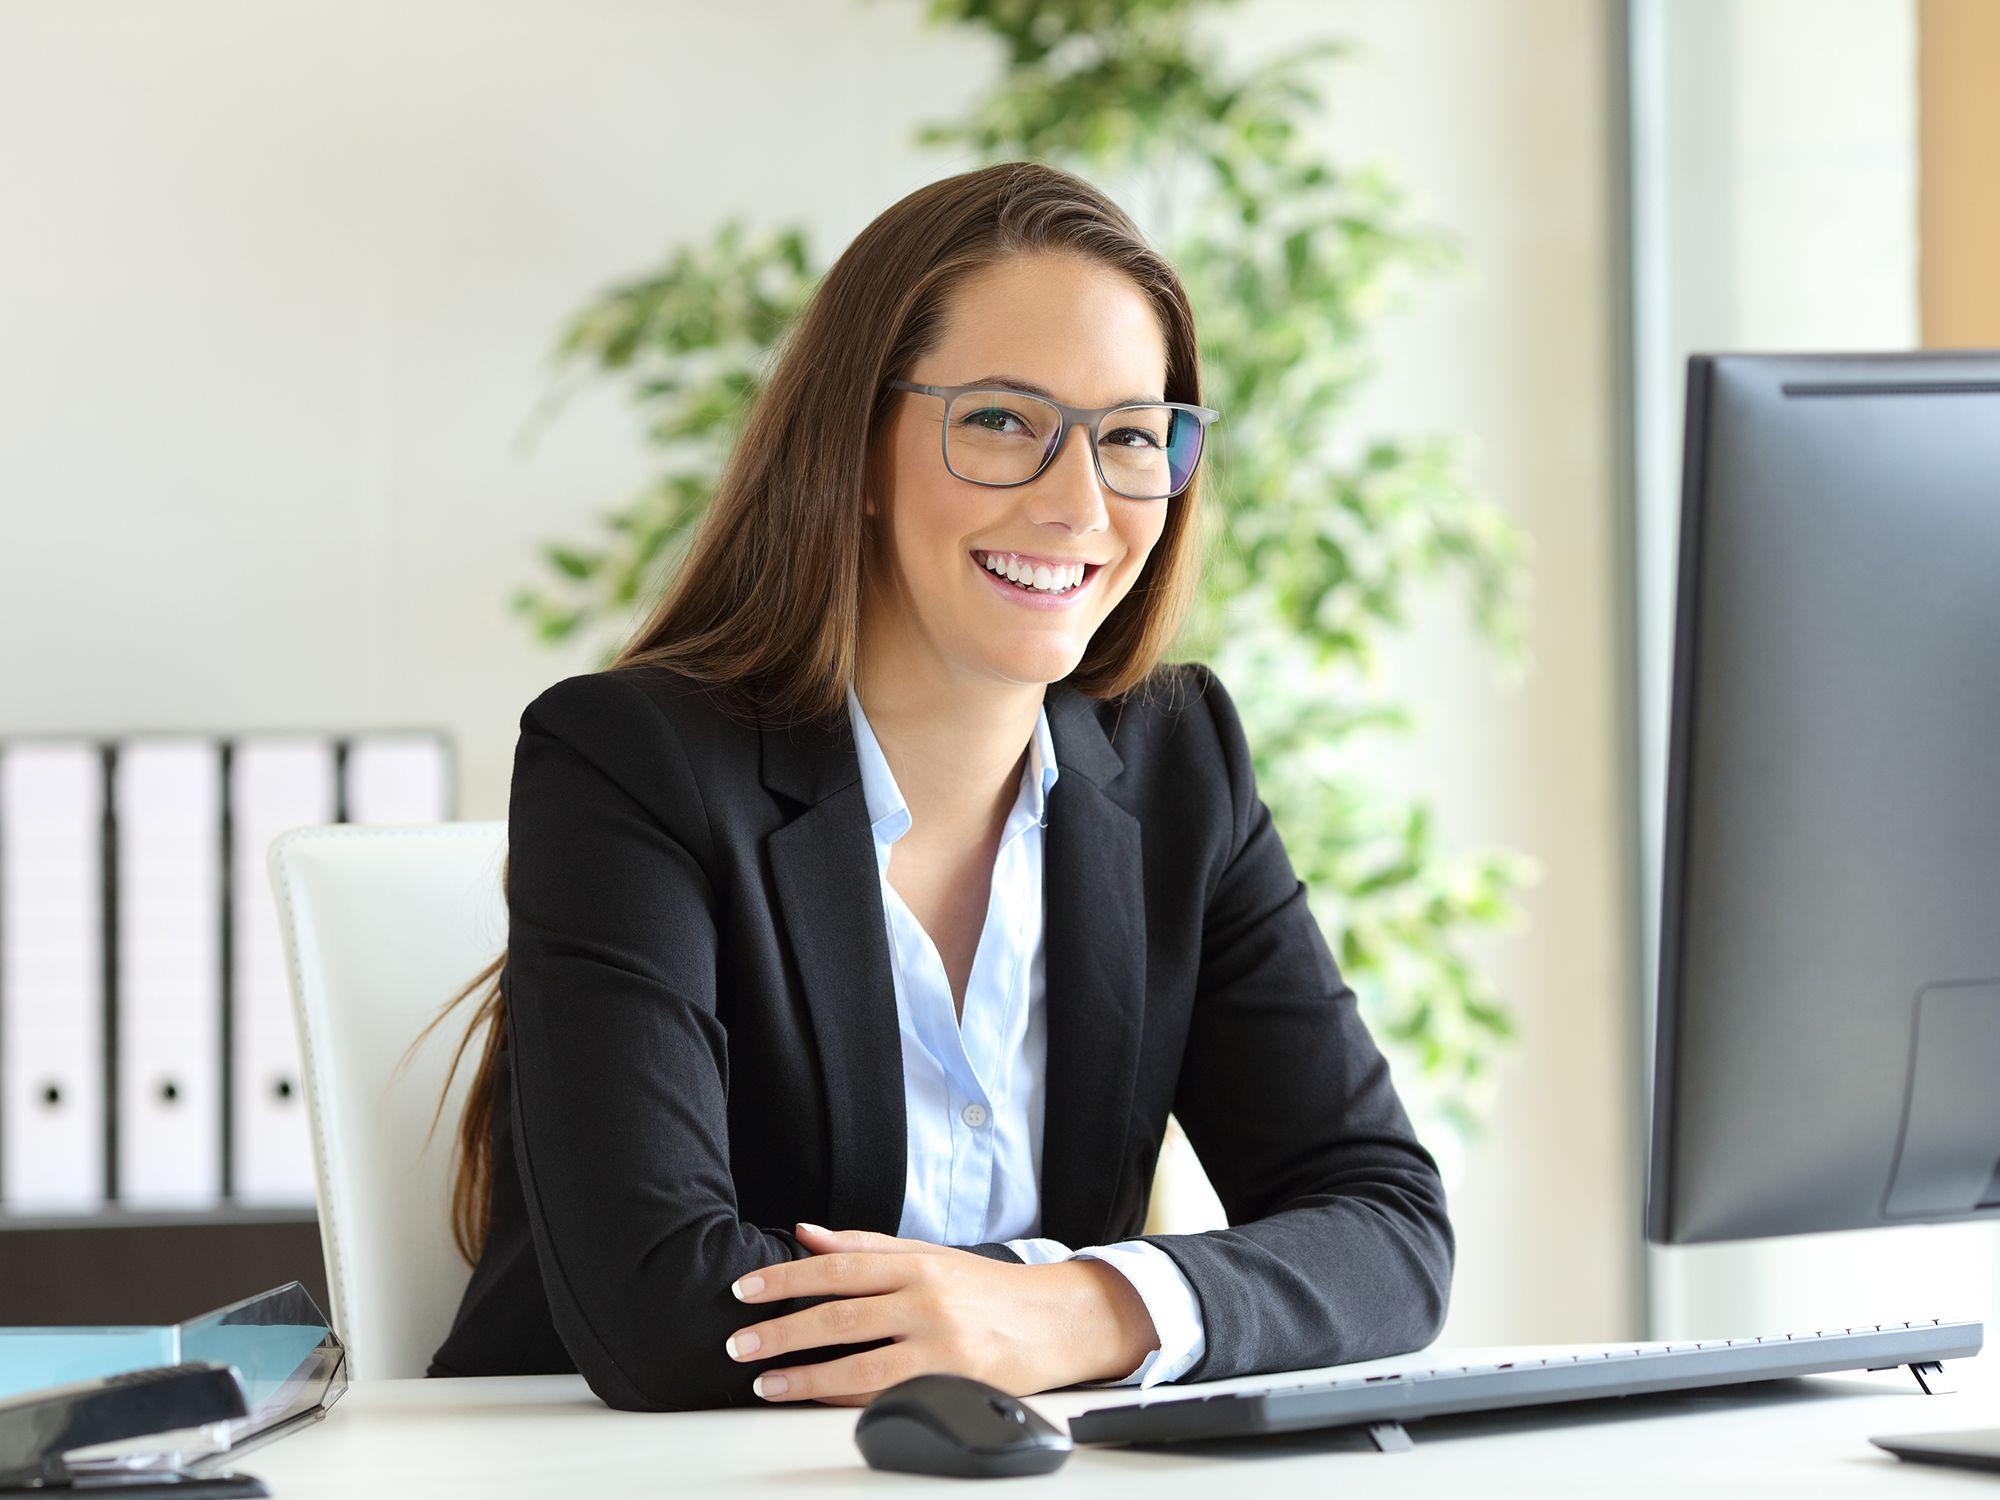 Level 5 - Büroassistenten, Büroassistentinnen, Büroassistent, Assistenz der Geschäftsführung, Büro Assistenz, Bürohilfskraft, Bürofachkraft, Büroangestellten, Bürohilfen, Bürofachkraft, Assistenten und Bürokraft, Leiharbeiter, Zeitarbeiter, Leiharbeitnehmer, Leihkraft, Temporärarbeiter für Büros, Büroarbeit, Büroaufgaben, Bürotätigkeiten, Büroorganisation, Urlaubsvertretung und Rekrutierung bei uns als Personalagentur, Zeitarbeitsfirma, Zeitarbeitsunternehmen, Personal-Service-Agentur, Personaldienstleistungsagentur und Leiharbeitsfirma per Arbeitnehmer-Leasing, Arbeitnehmerüberlassung, Arbeitskräfte-Leasing, Arbeitskräfteüberlassung, Arbeitskraftüberlassung, Leiharbeit, Mitarbeiter-Leasing, Mitarbeiterleasing, Mitarbeiterüberlassung, Personaldienstleistung, Personalleasing, Personalüberlassung, Temporärarbeit, Zeitarbeit buchen, mieten, leihen oder langfristig neue Mitarbeiter für Jobs wie Büro Jobs, Schülerjobs, Ferienjobs, Aushilfsjobs, Studentenjobs, Werkstudentenjobs, Saisonjobs, Vollzeit Jobs, Teilzeit Jobs, Nebenjobs, Temporär Jobs, Gelegenheitsjobs per Personalvermittlung suchen, finden und vermittelt bekommen.